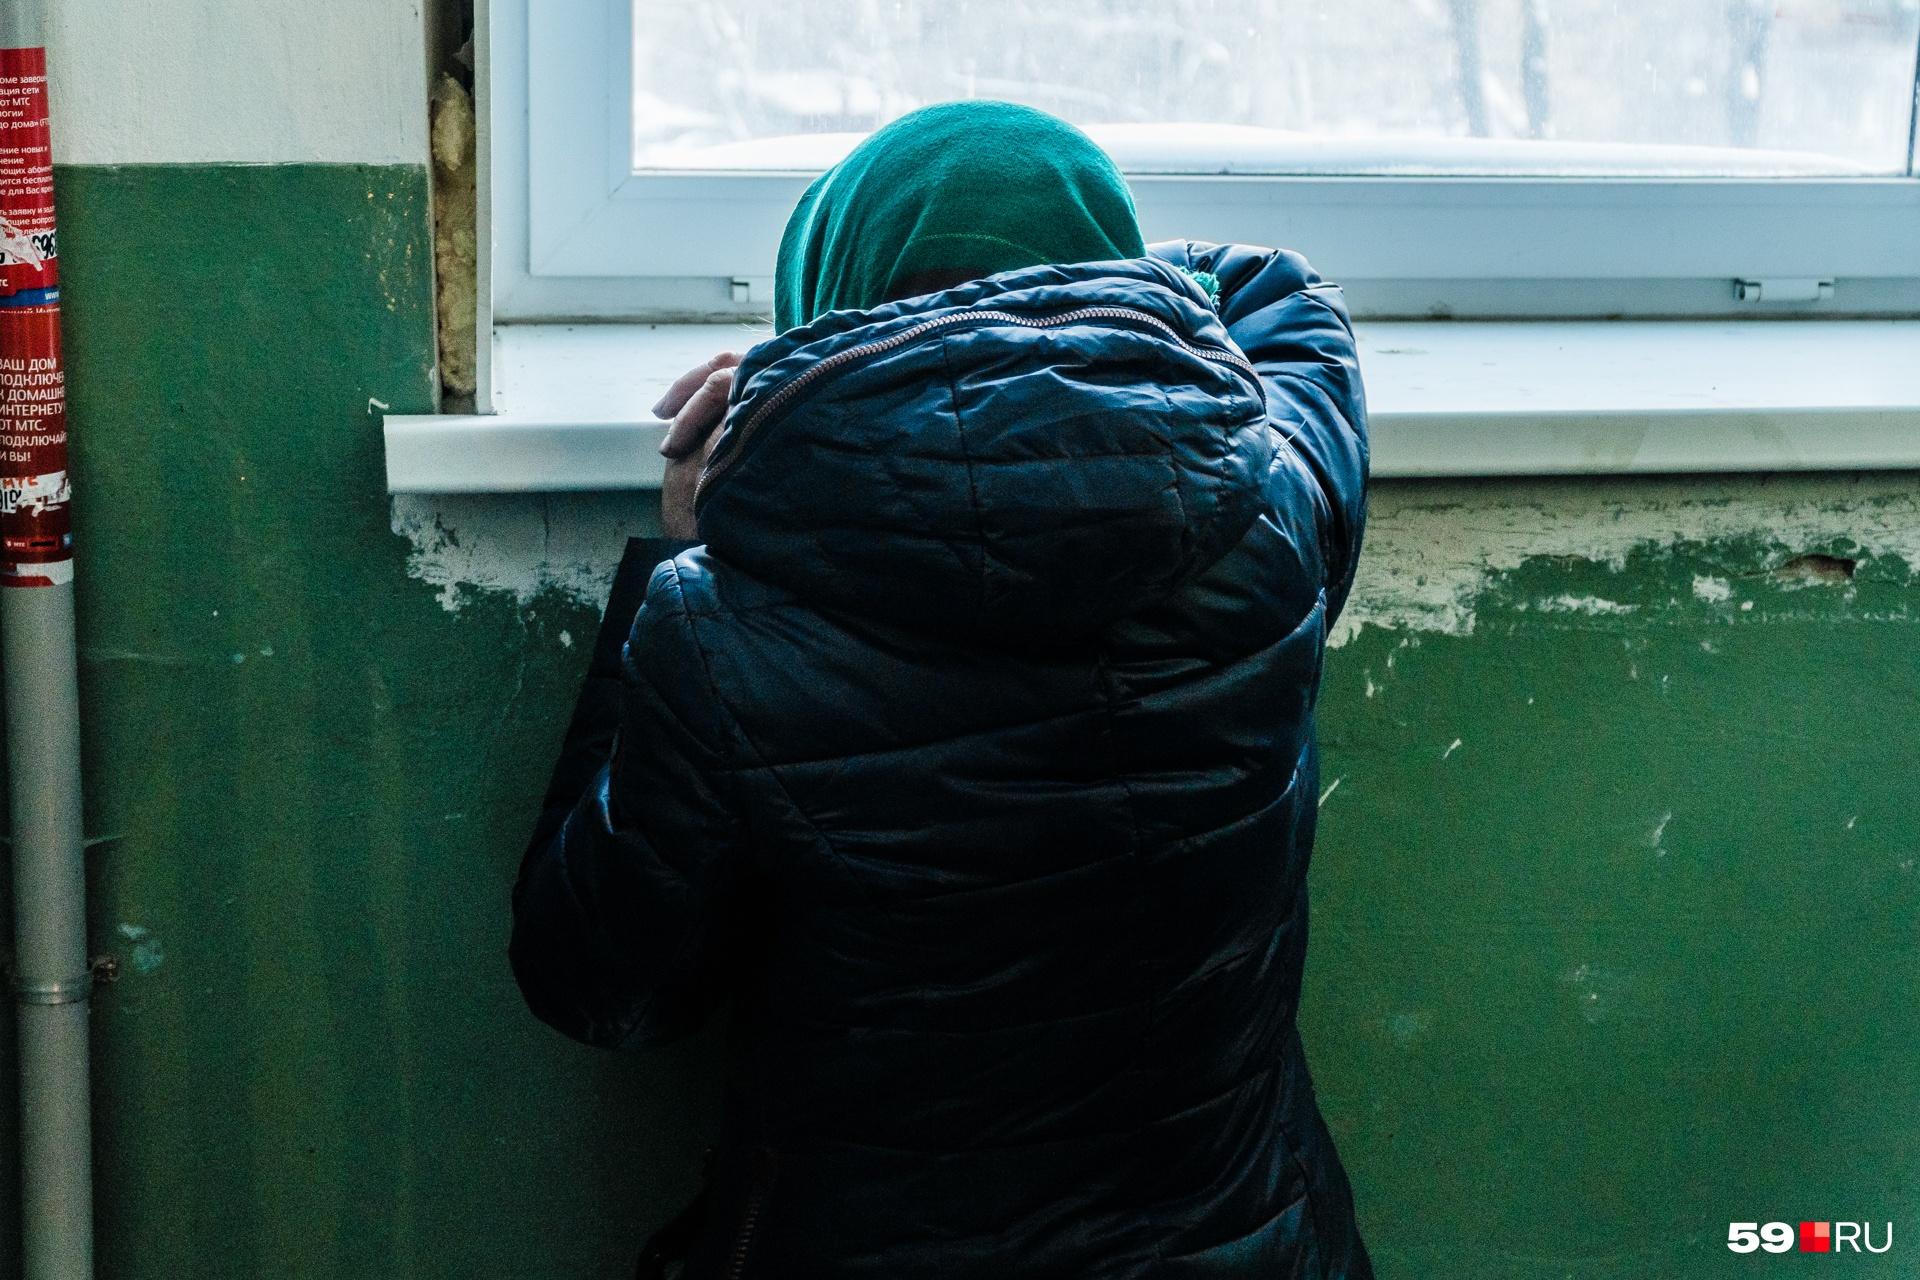 Валентина Александровна очень переживала из-за того, что в ее квартире начали наводить порядок